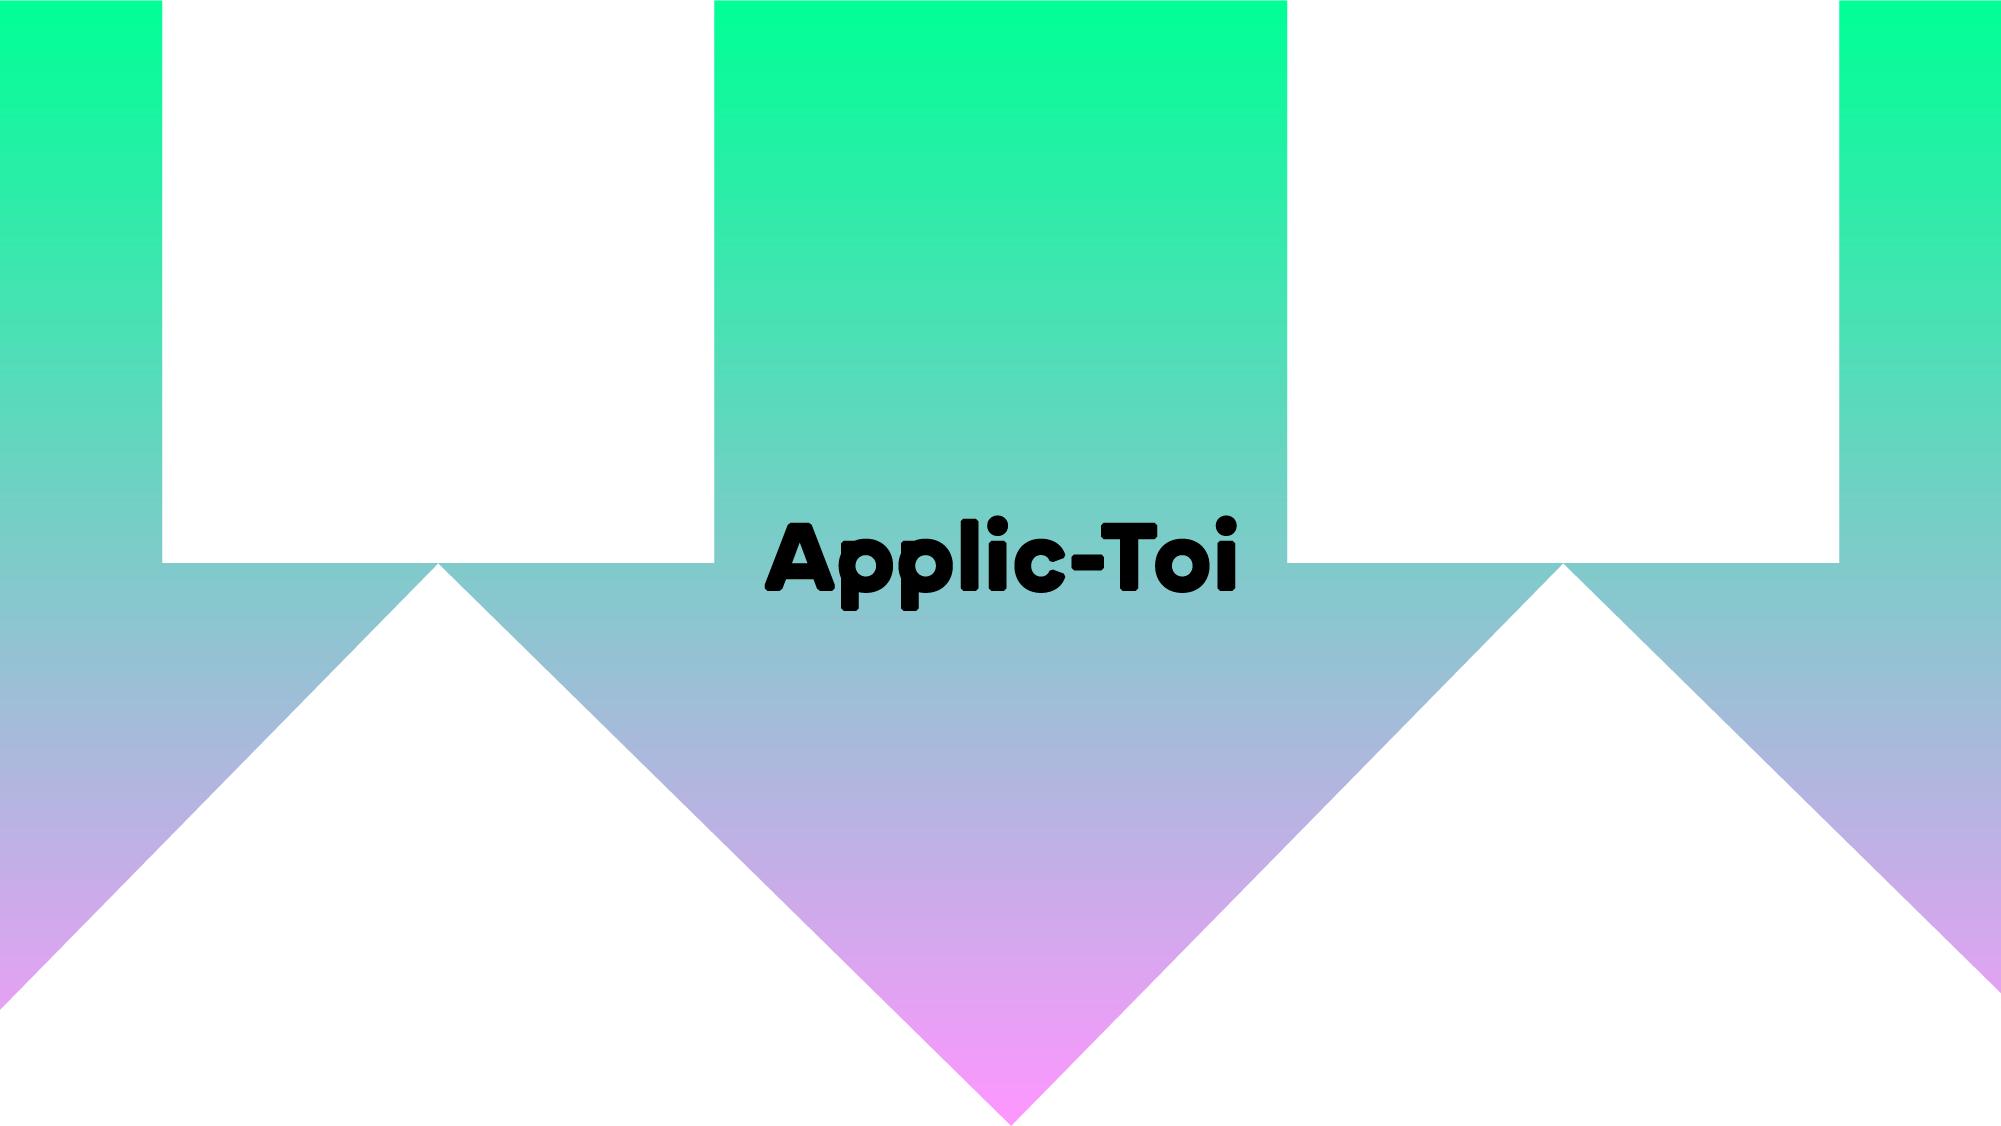 Logo Applic-toi [RTS]